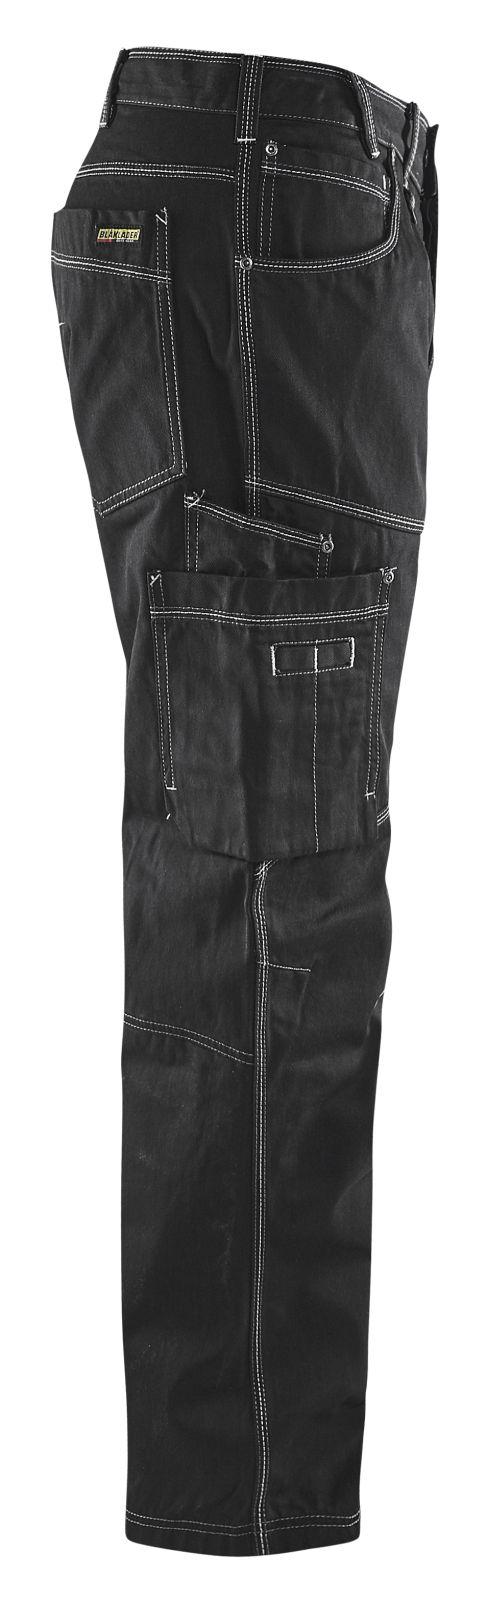 Blaklader Werkbroeken 19591140 zwart(9900)